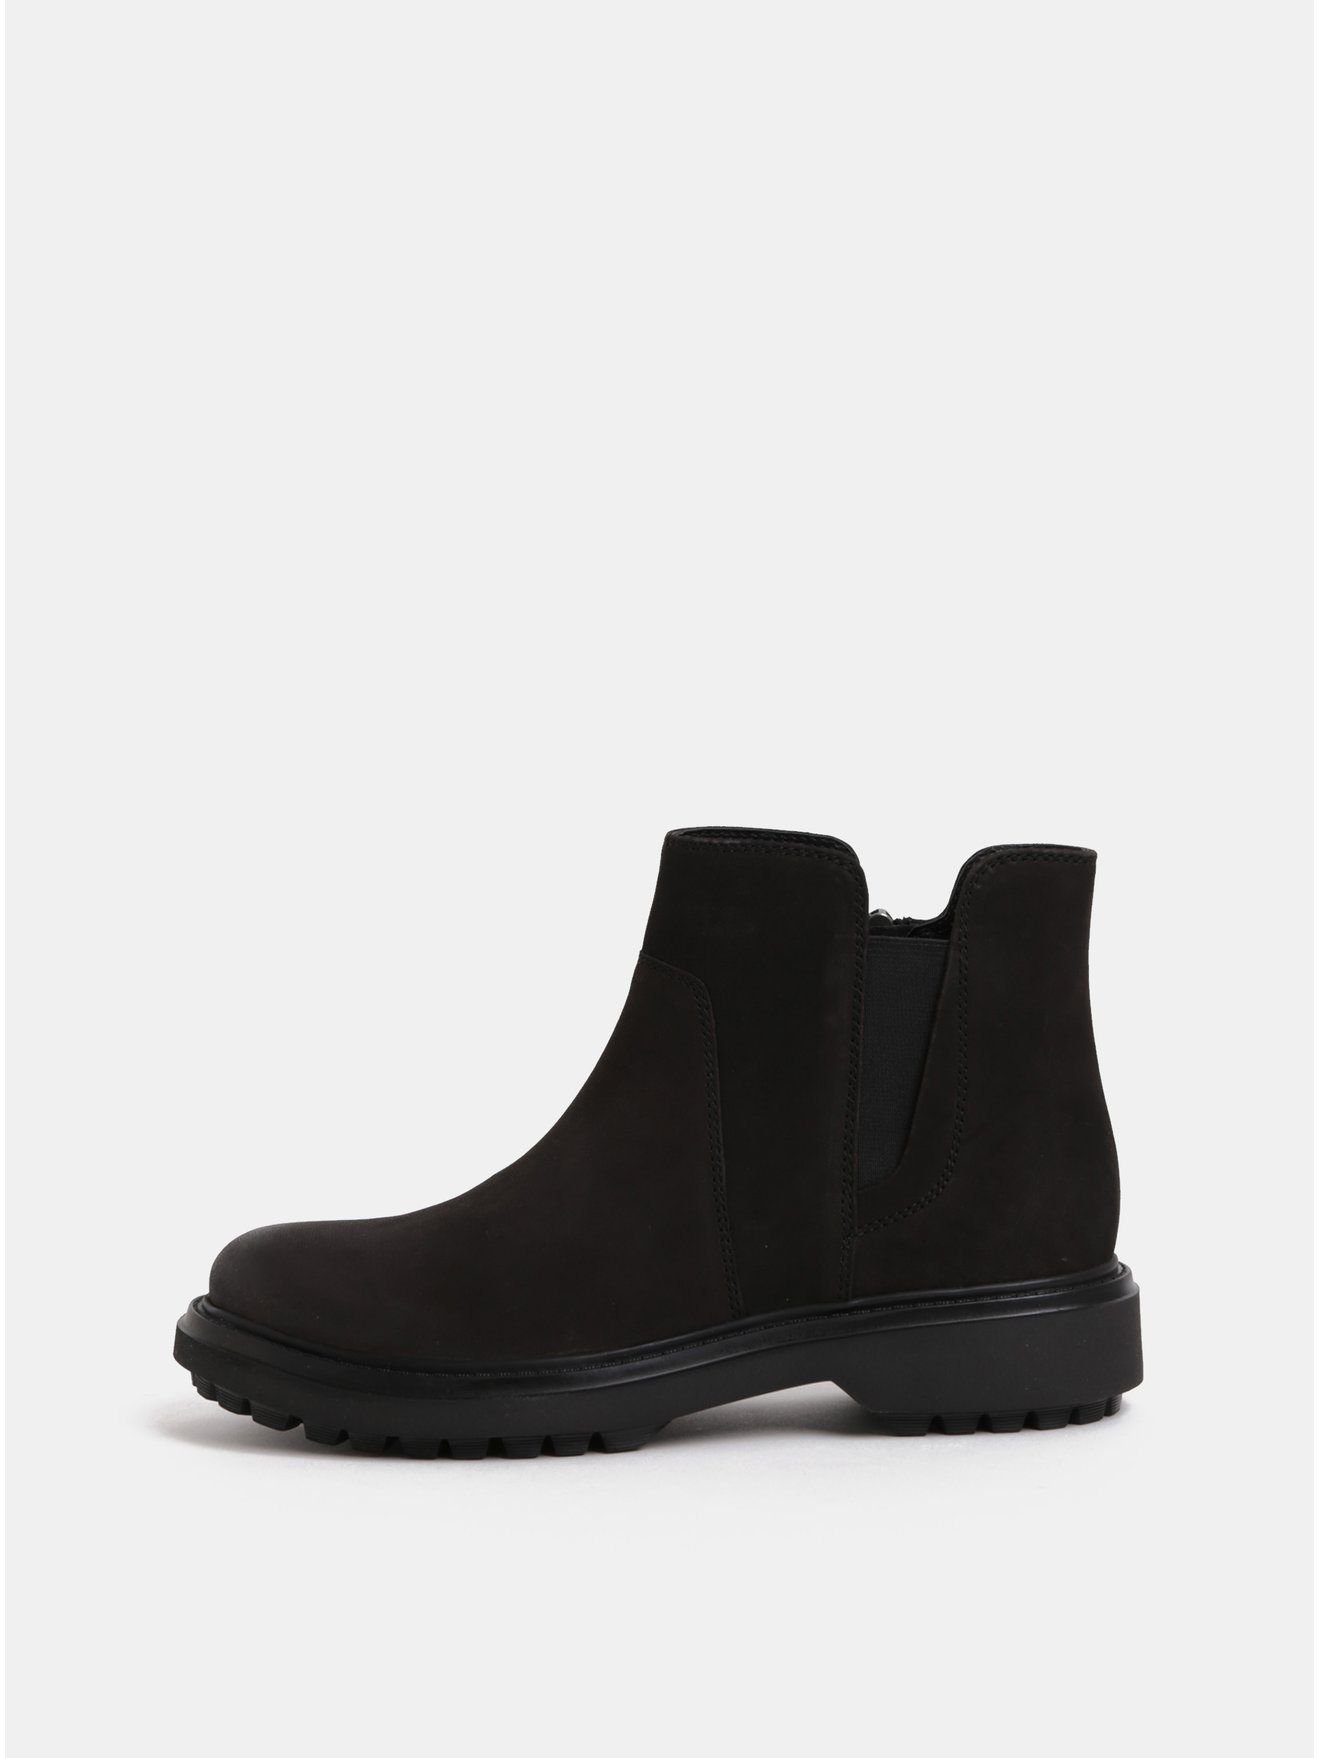 Černé dámské semišové kotníkové boty Geox Asheely 184cbd424b